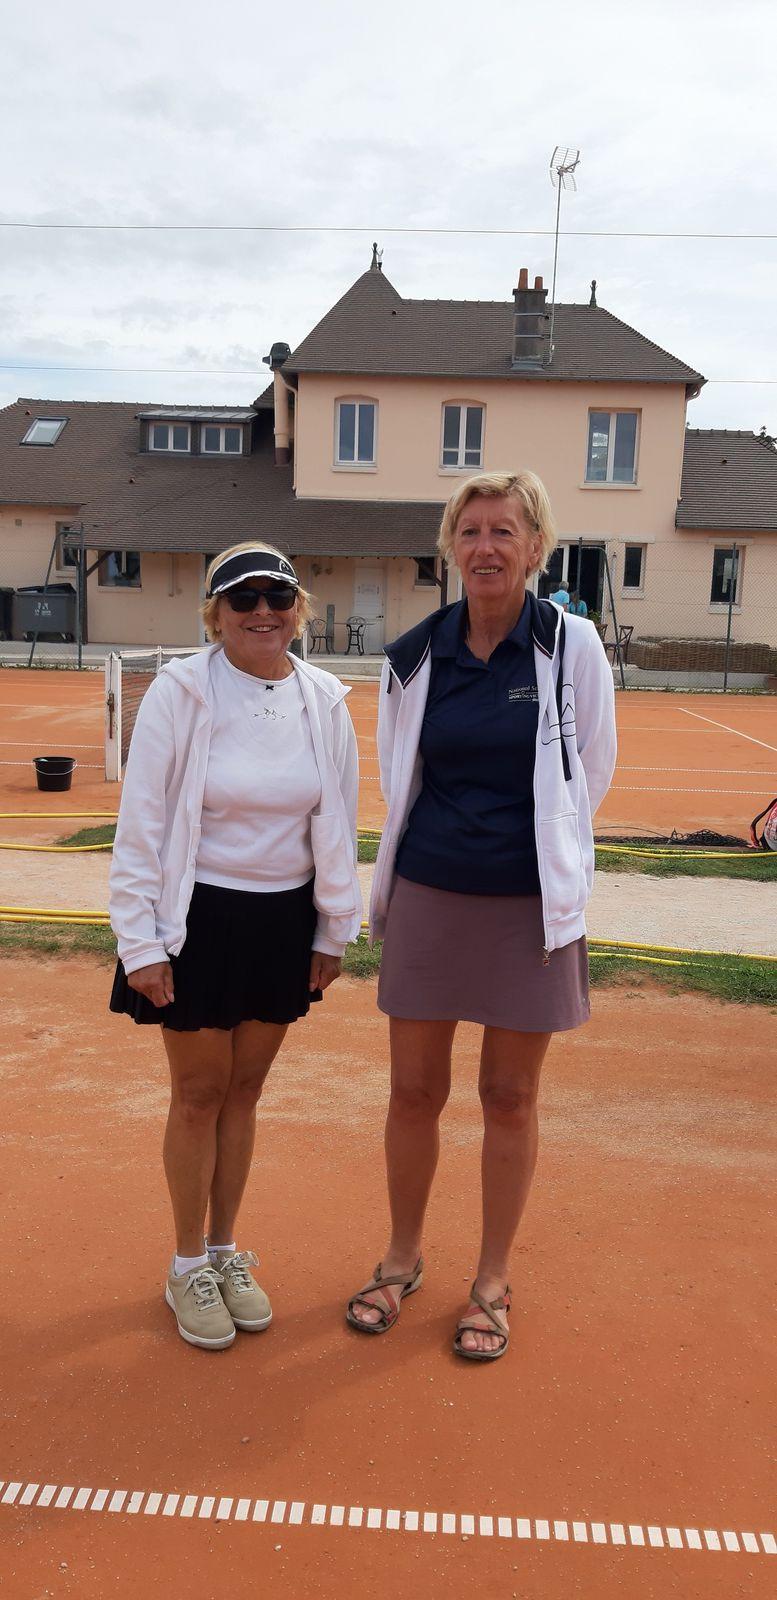 Françoise Bondu 30 Liberty Country Club (à droite) vainqueur consolante + 60 contre Simone Kamer 30/2 Cabourg